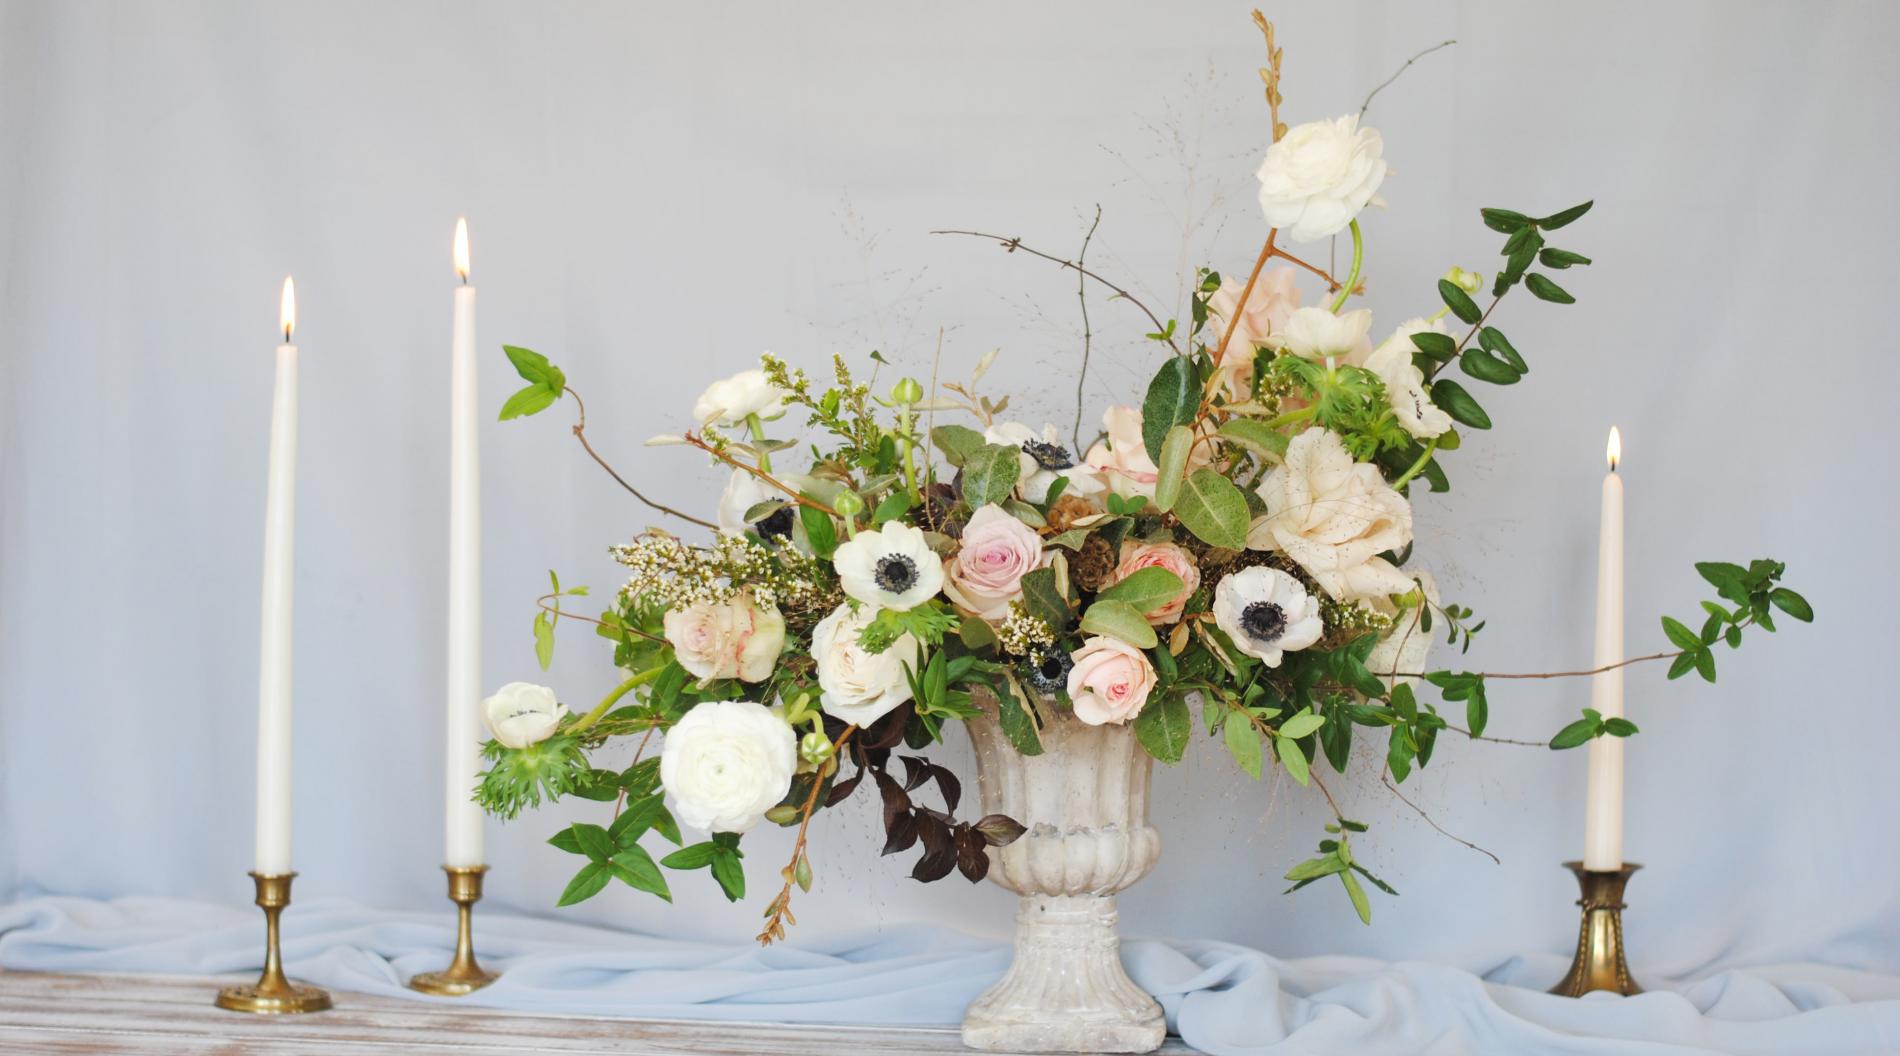 winston-salem-florist-home-page-arrangement4